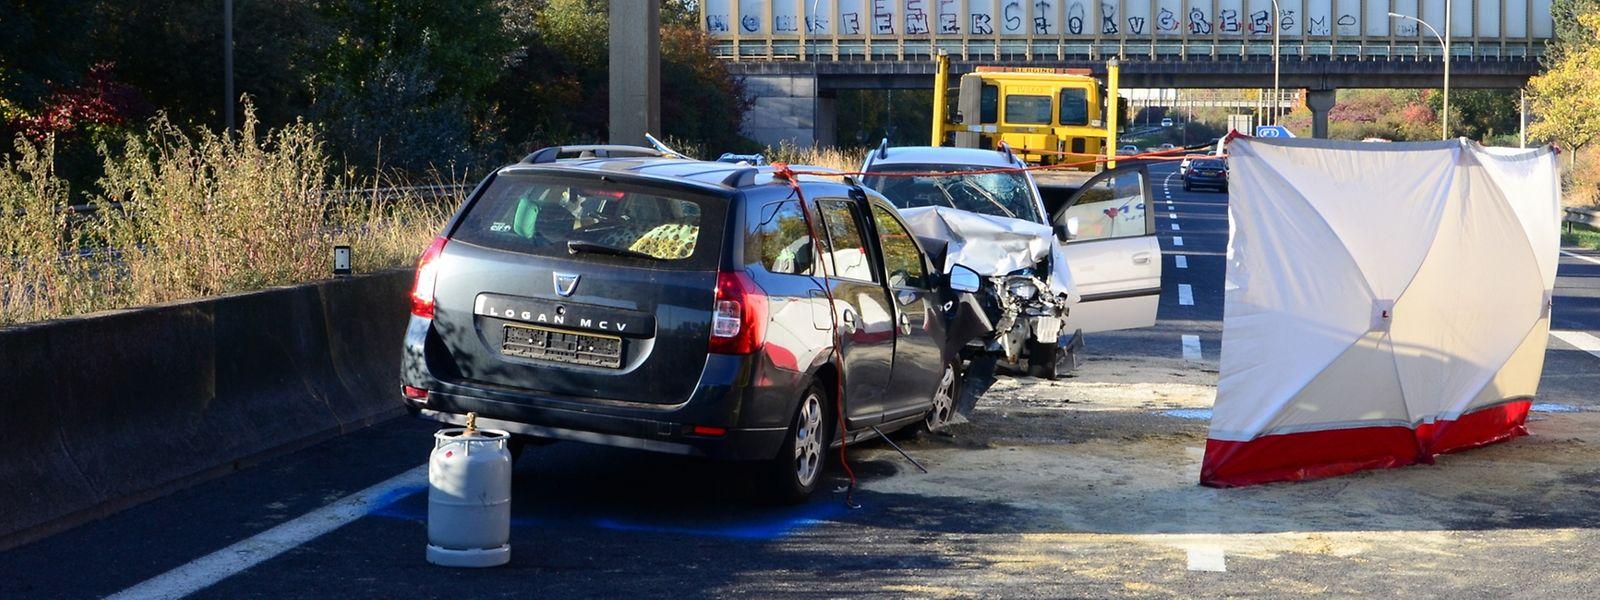 Zuvor war der Autofahrer in verkehrter Richtung  durch den Kreisverkehr Raemerich gefahren.